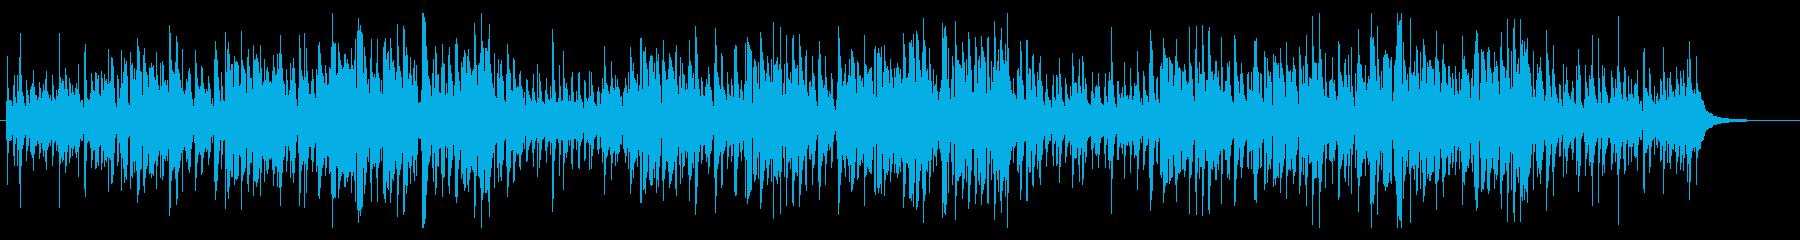 一風変わったハワイアン風クリスマスソングの再生済みの波形